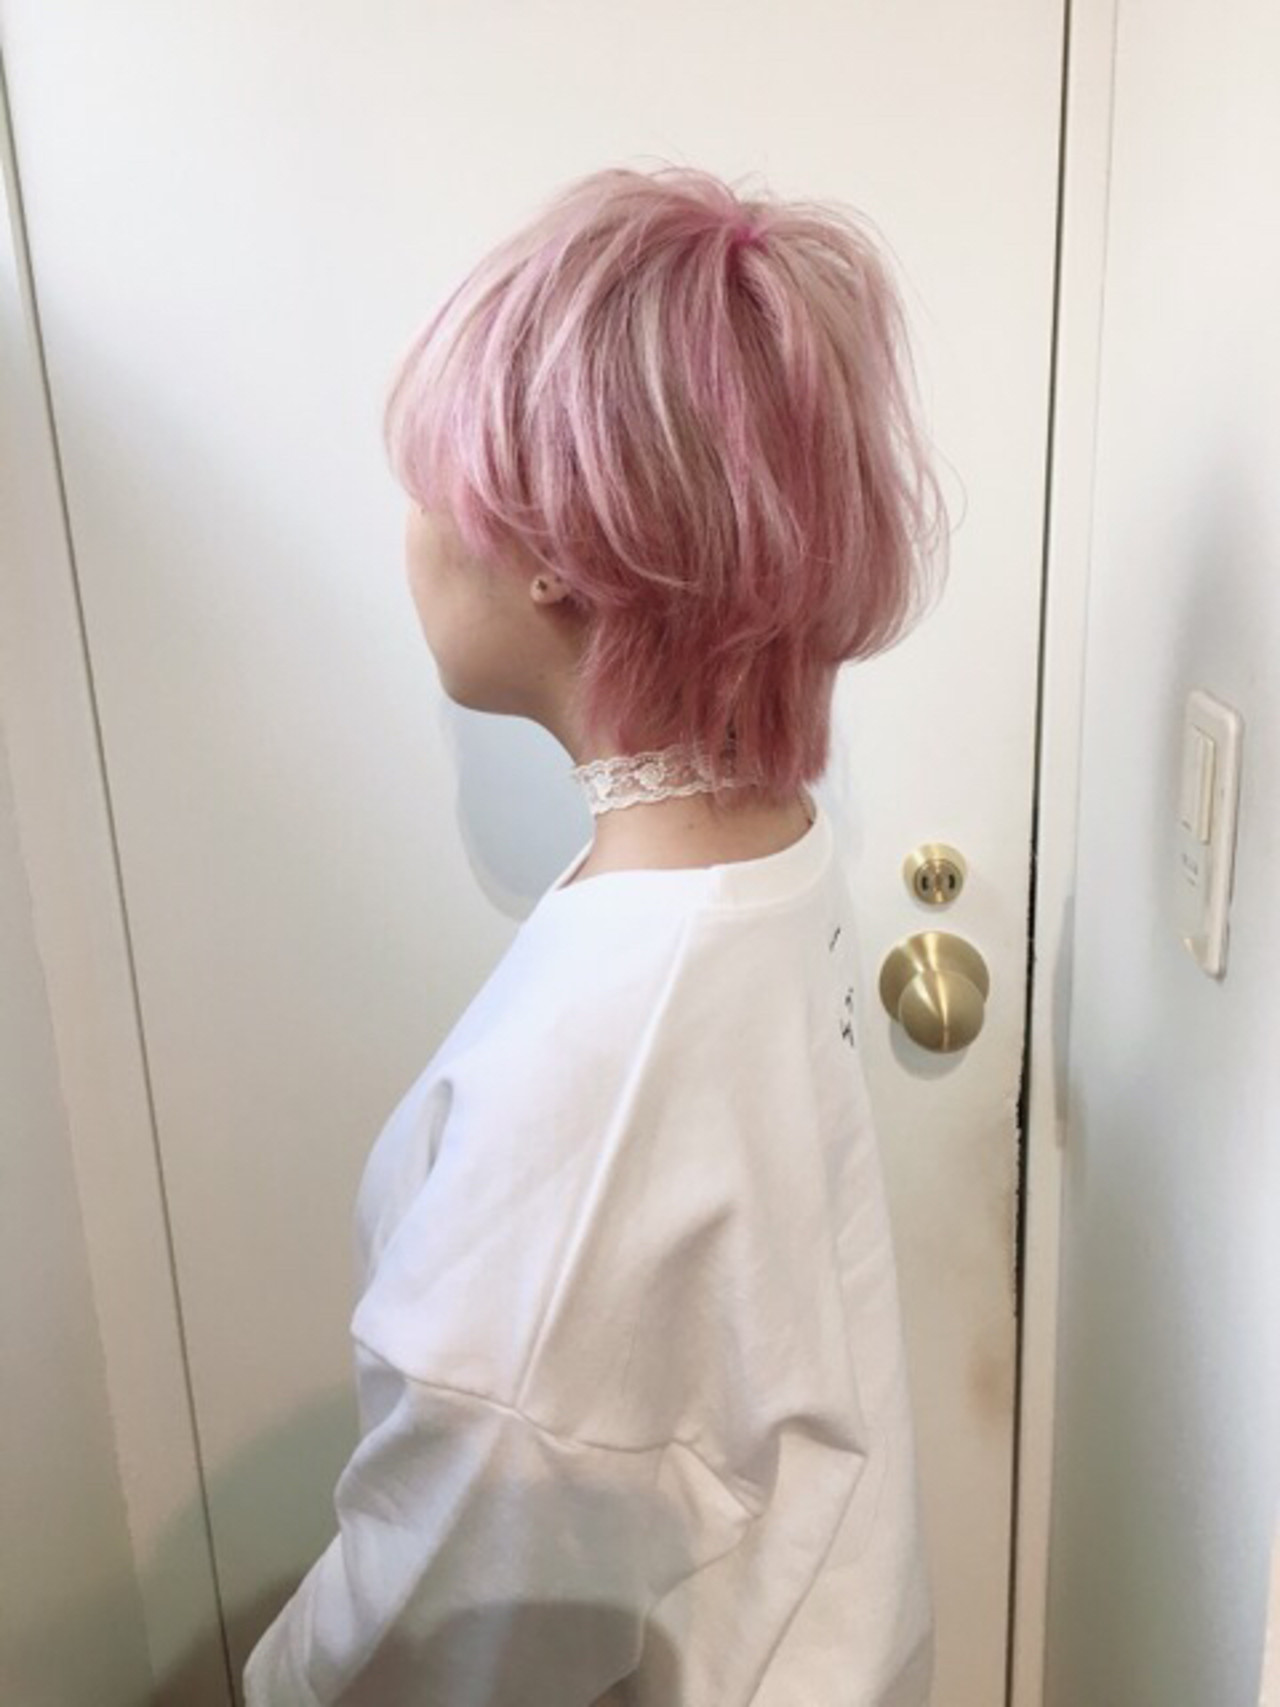 パープルアッシュ ラベンダーピンク ショート ピンクアッシュ ヘアスタイルや髪型の写真・画像